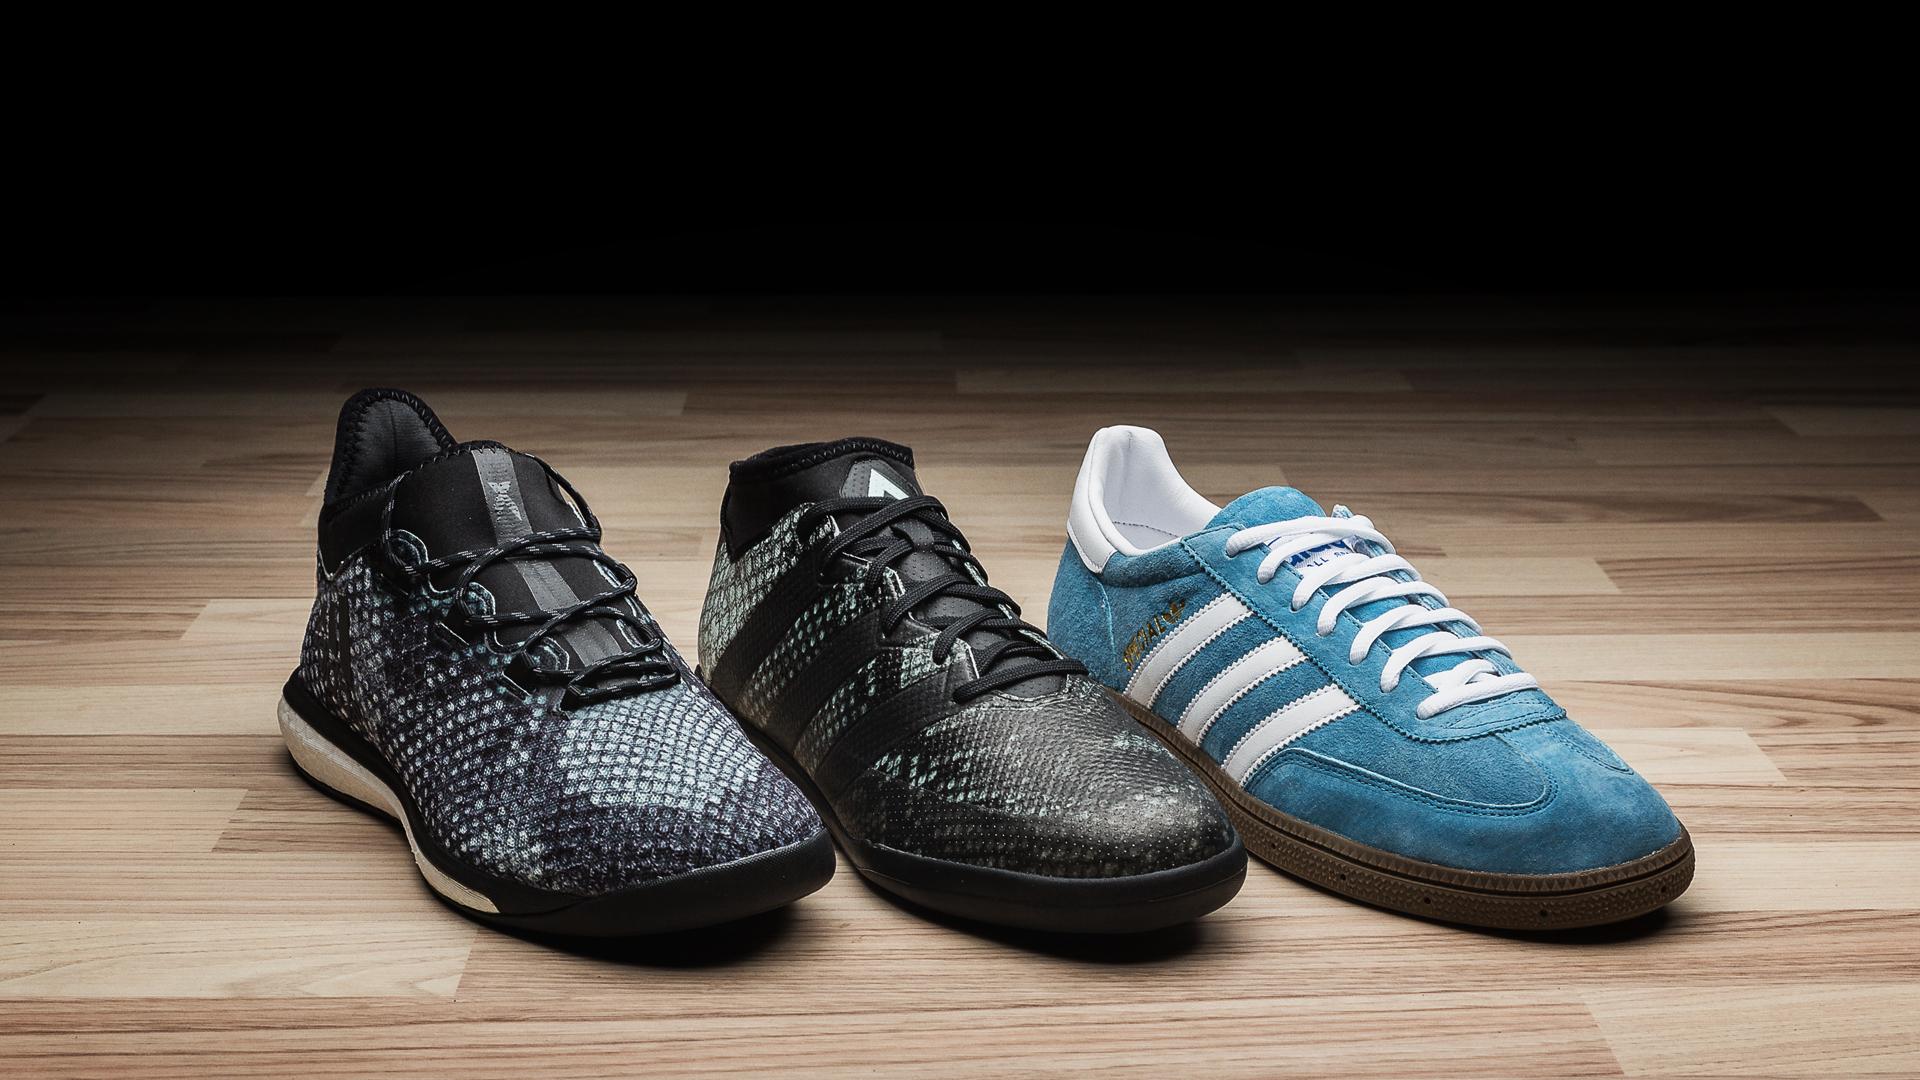 Chaussures de futsal : suivez notre guide |